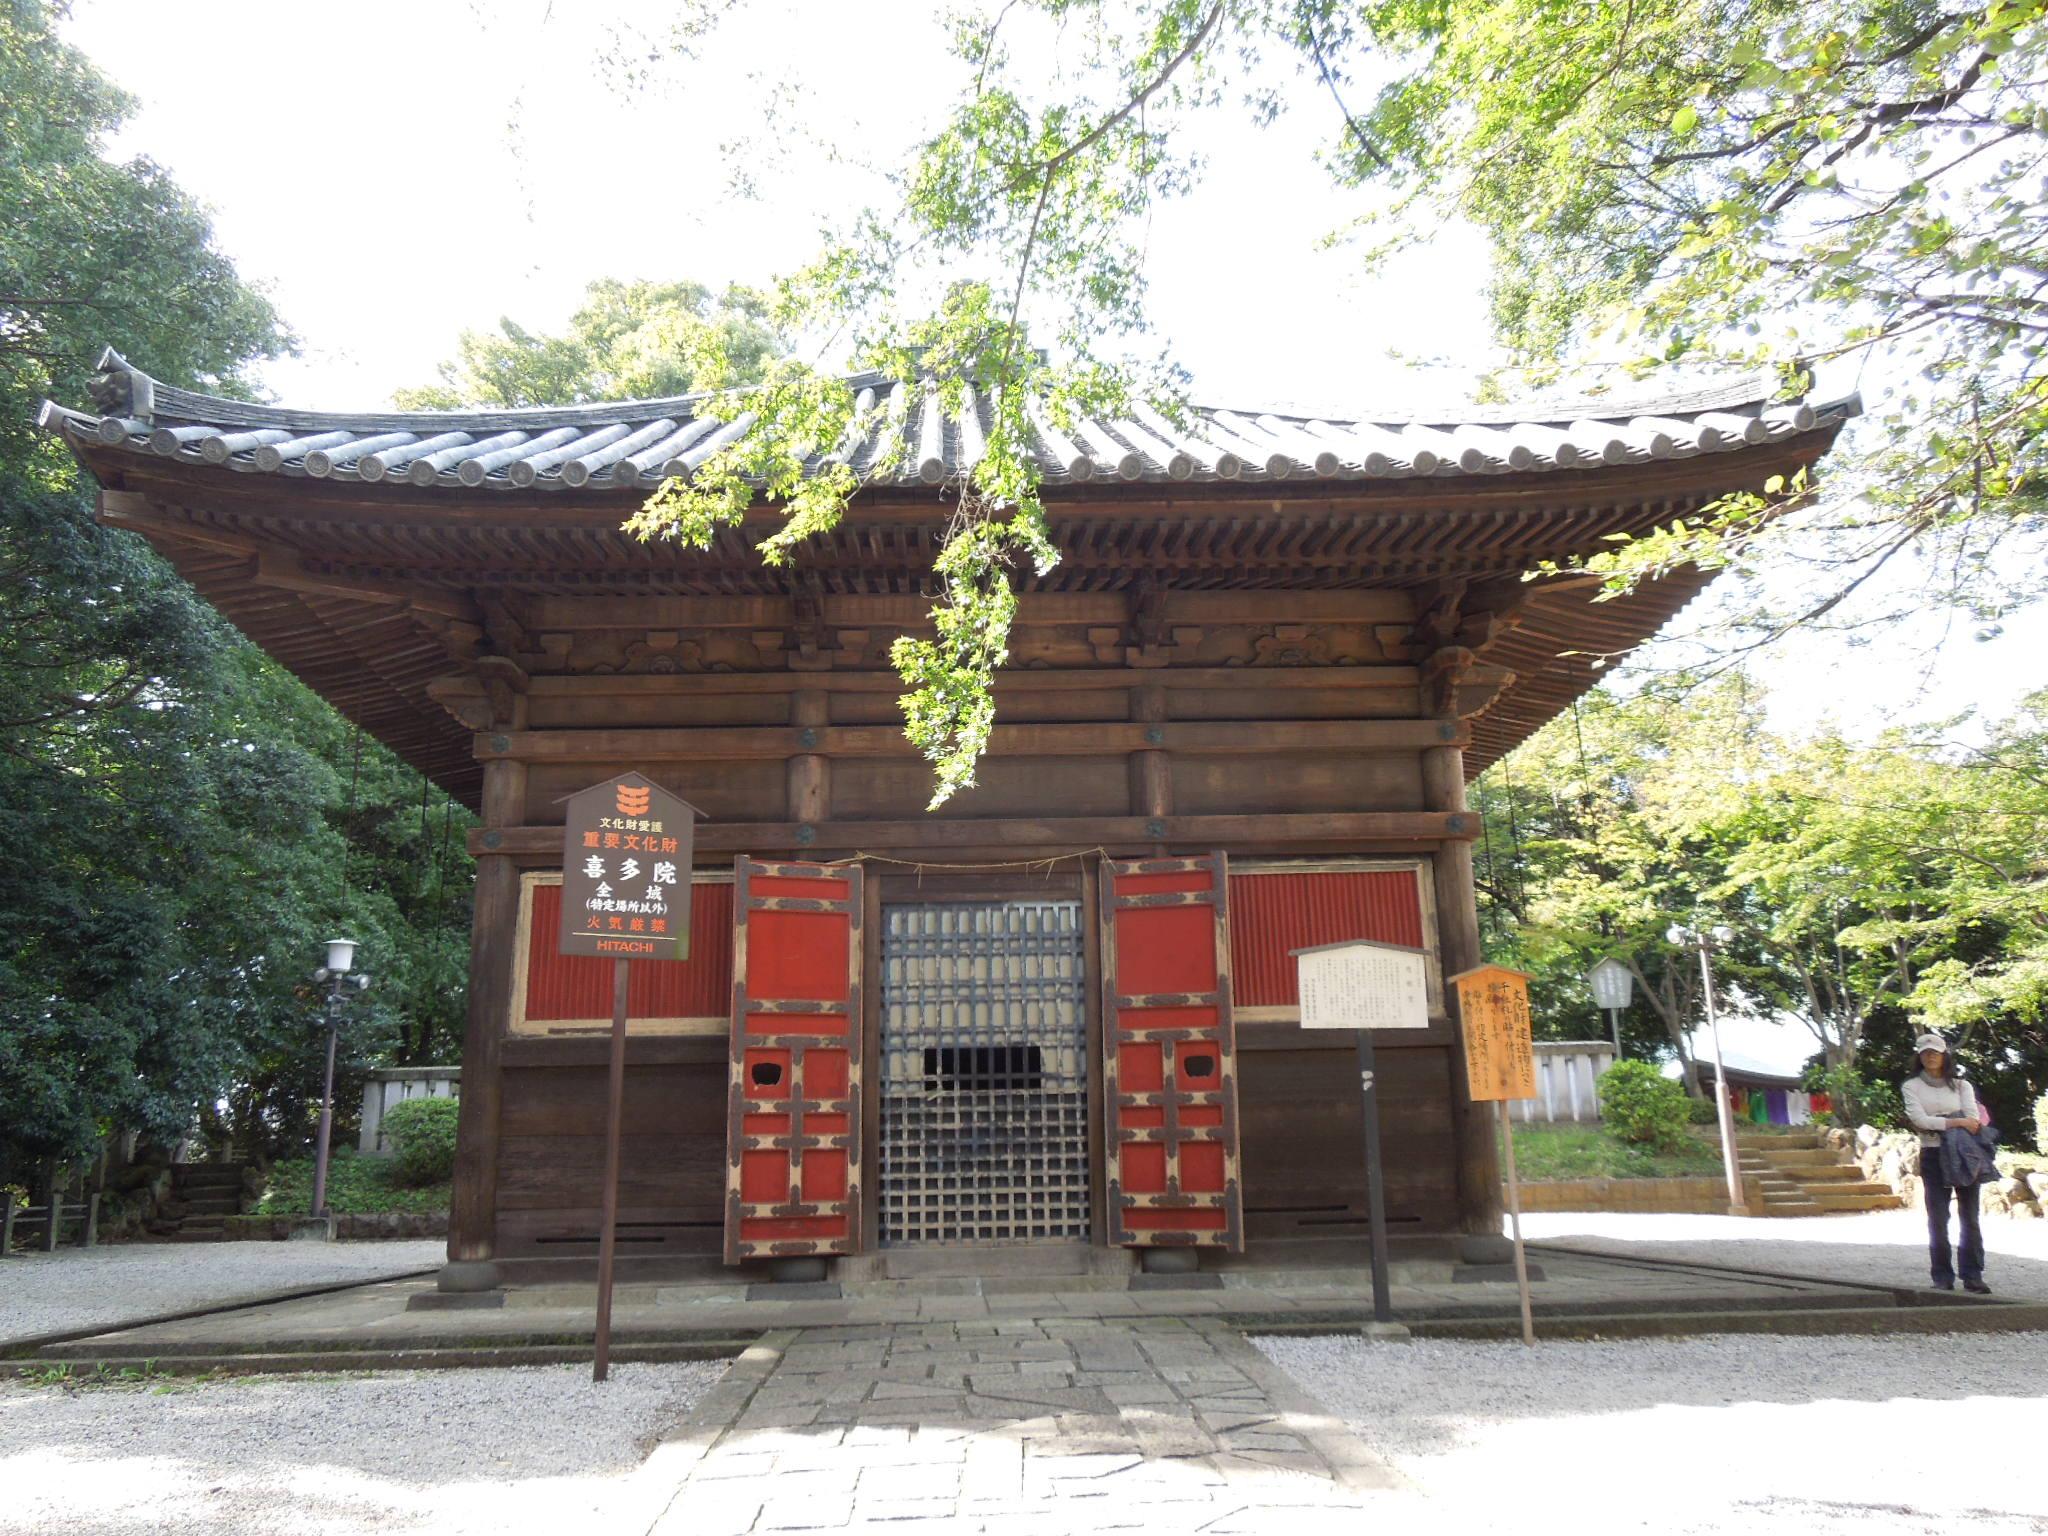 喜多院:慈眼大師天海をまつる慈眼堂(国指定重要文化財)